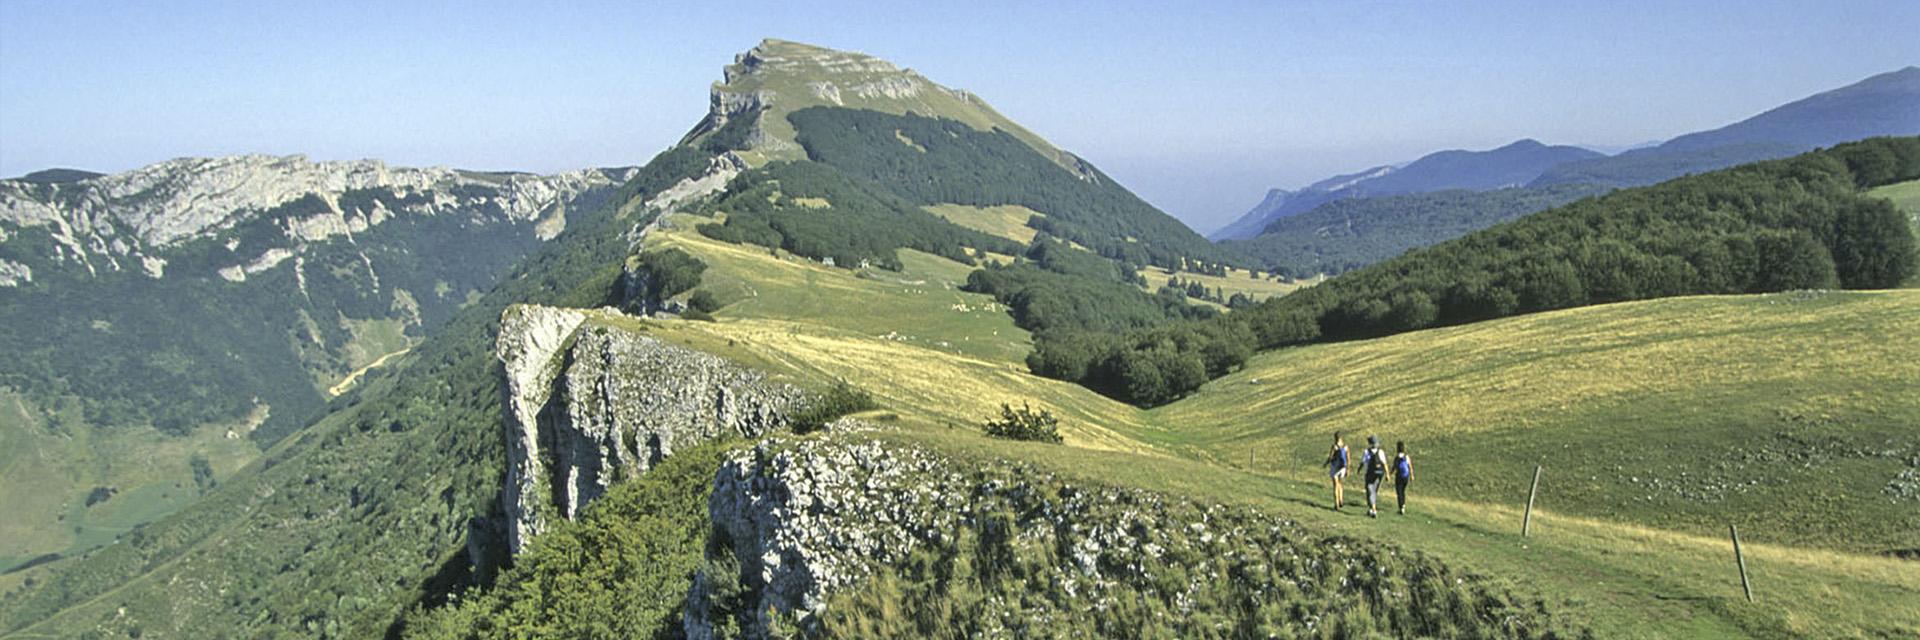 village-vacance-font-d-urle-groupe-montagne-rando